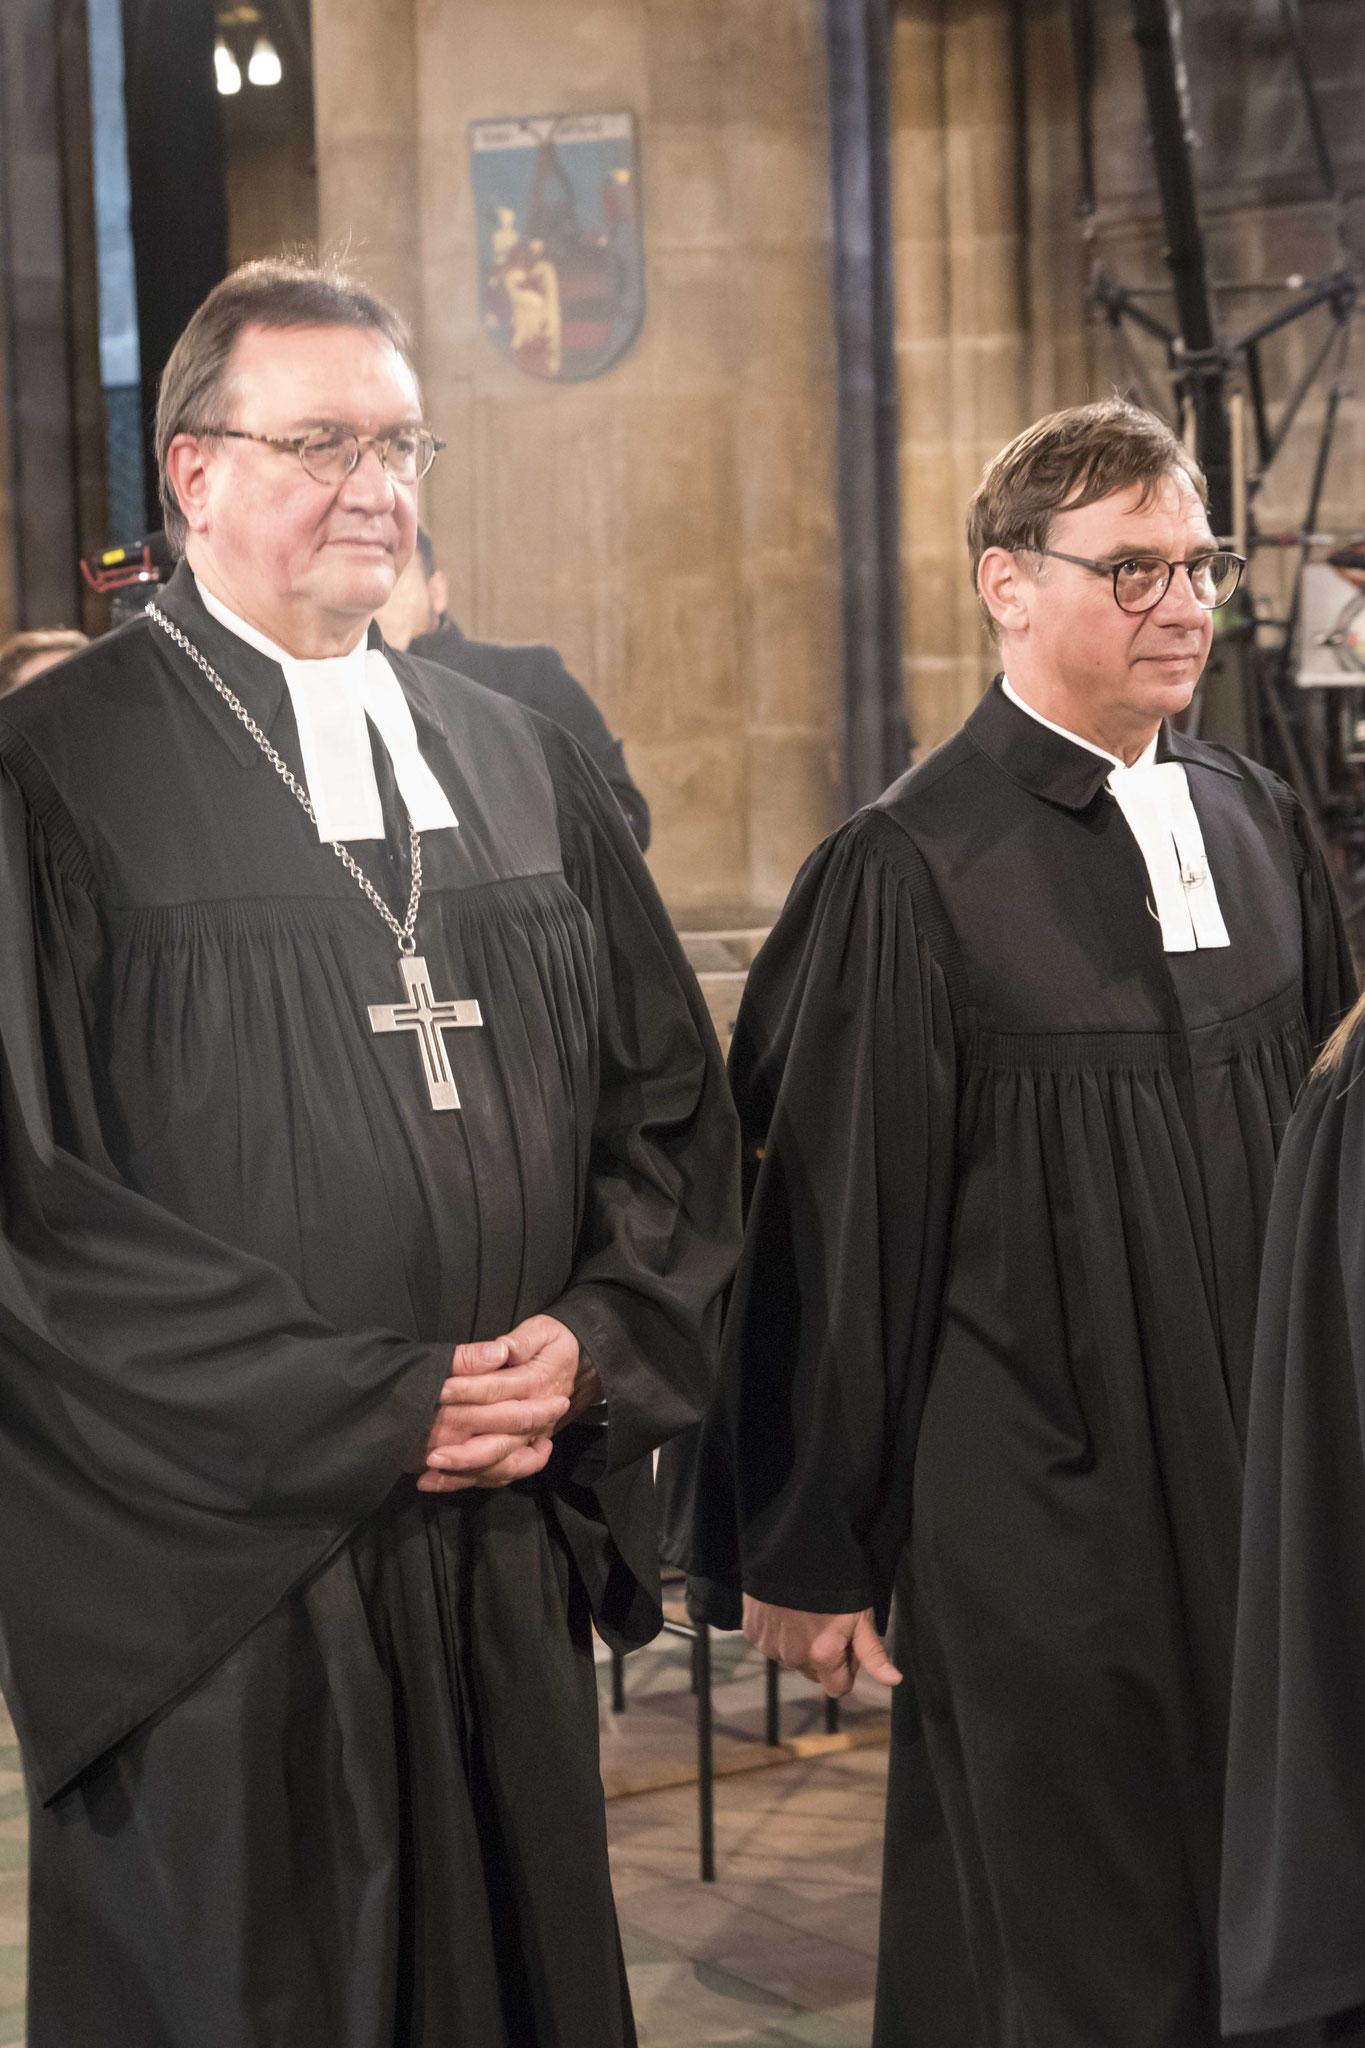 Bischof Hein und Kirchenpräsident Jung